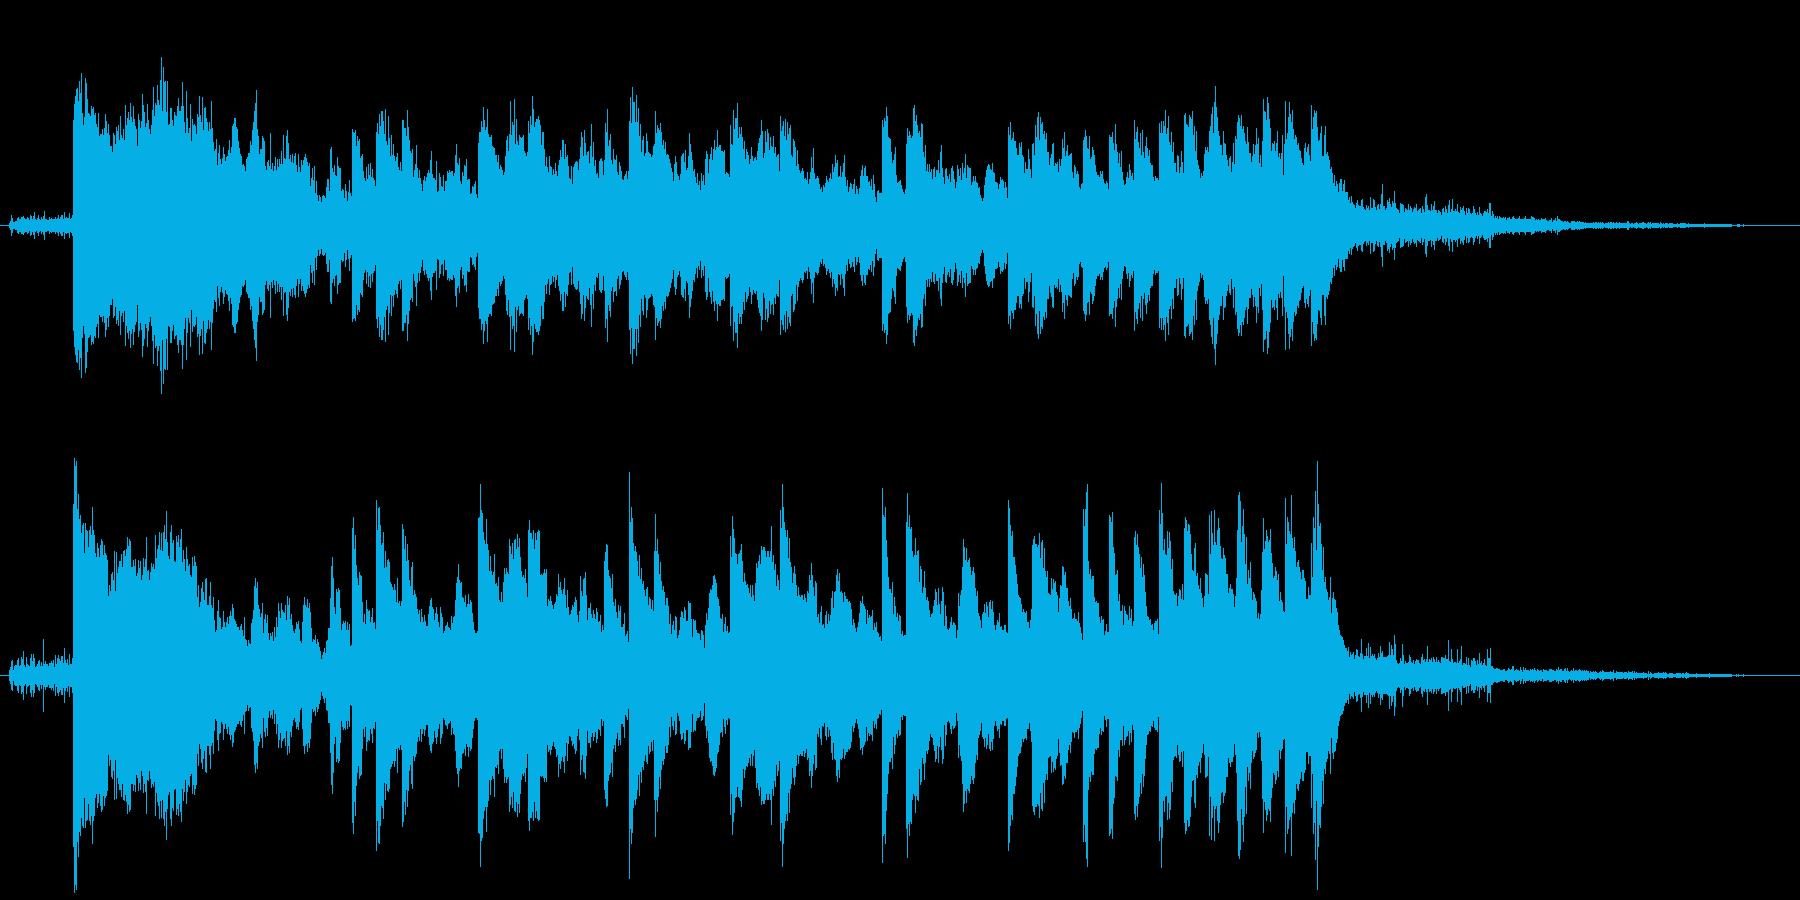 女声のスキャットによる不思議な音色の再生済みの波形